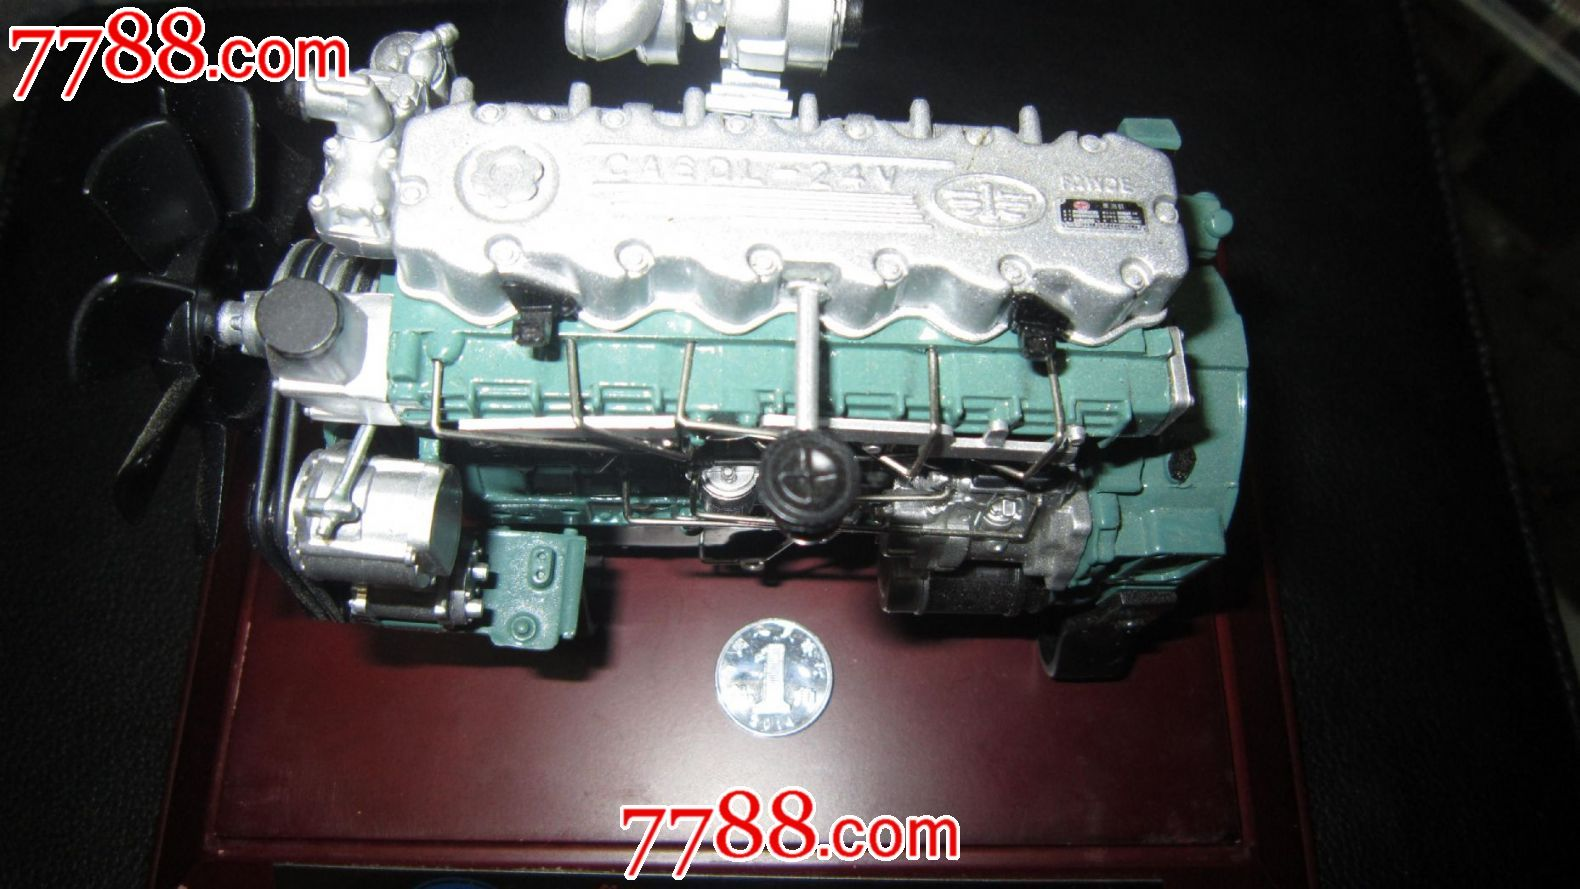 发动机模型(全新带原玻璃盒):一汽解放汽车公司